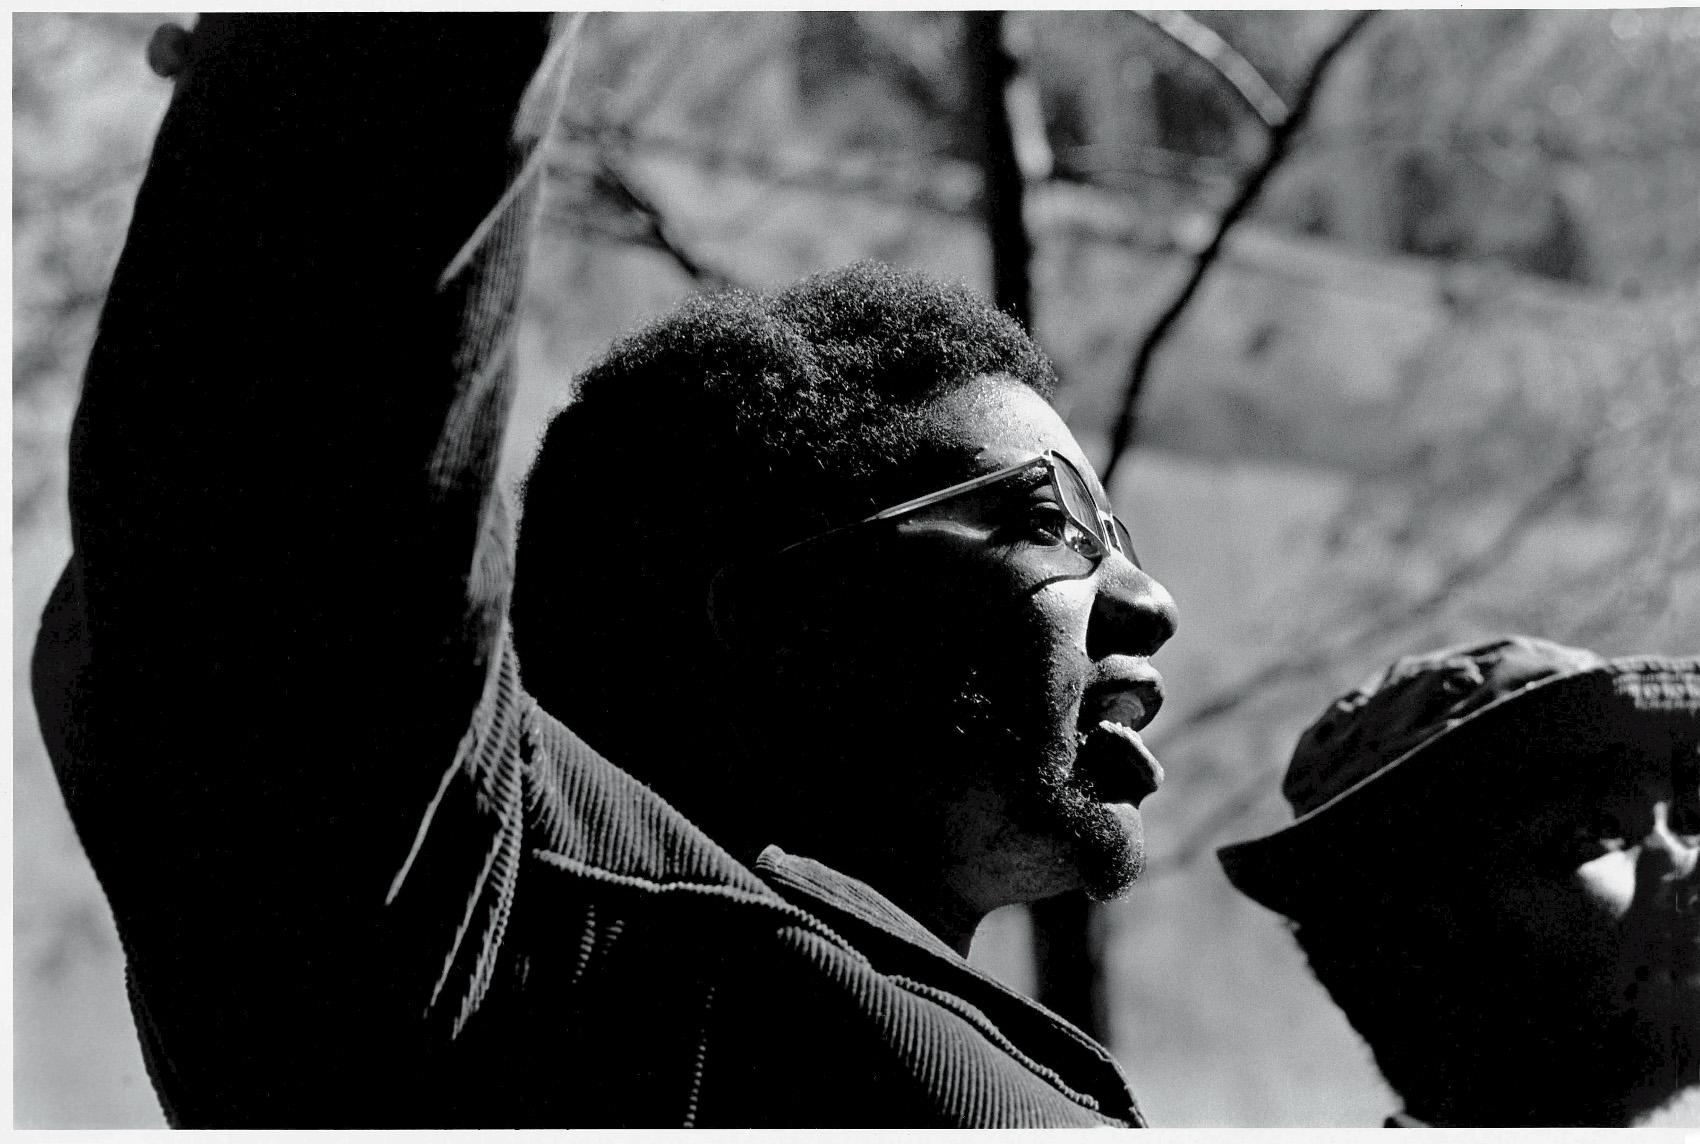 Fred Hampton, Black Panthers, Black Panther Party, BPP, KOLUMN Magazine, KOLUMN